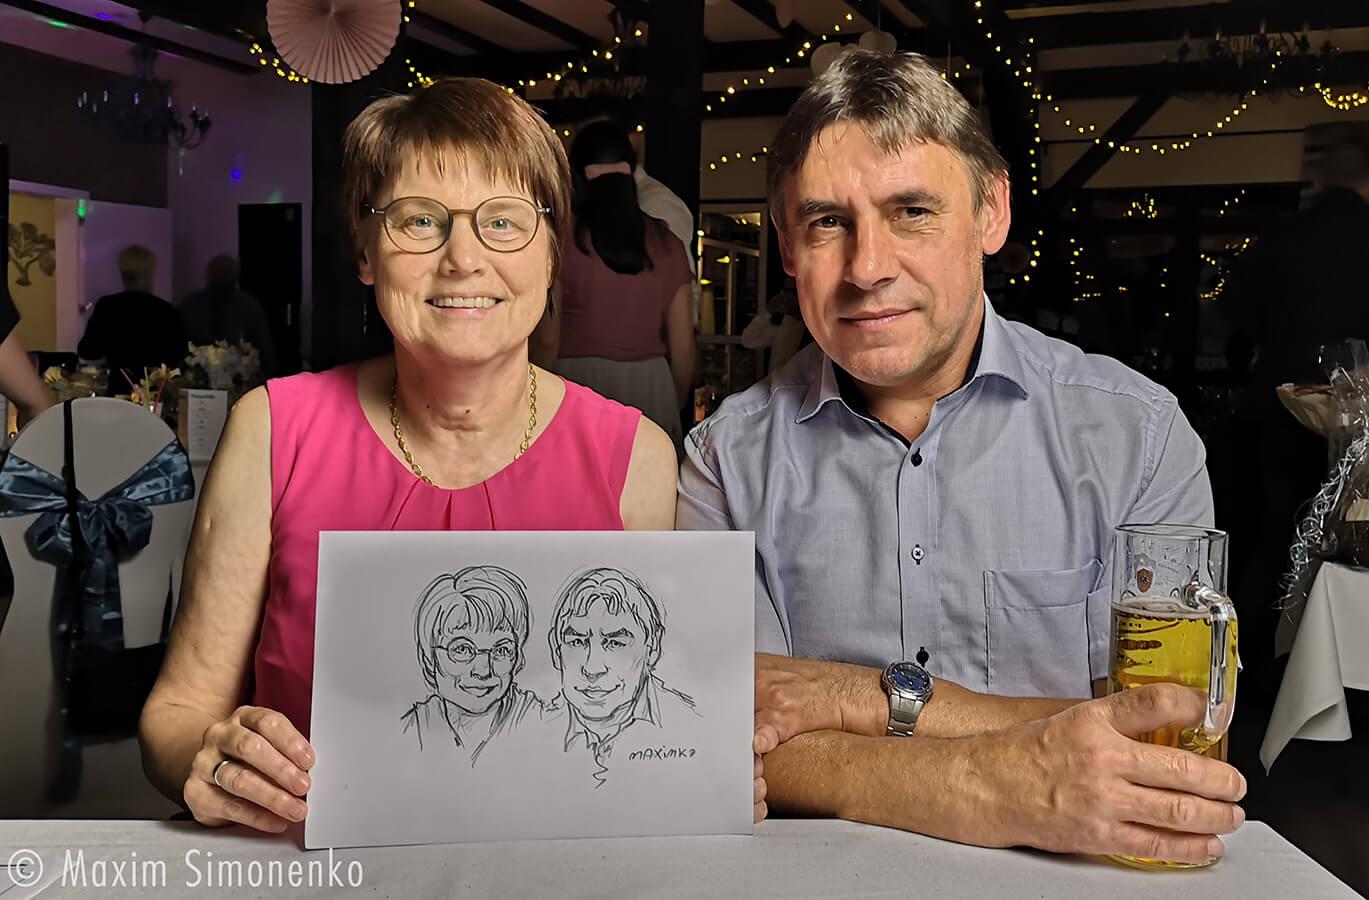 portrait karikatur am drewitzer see hochzeit eventzeichner maxim simonenko maximko